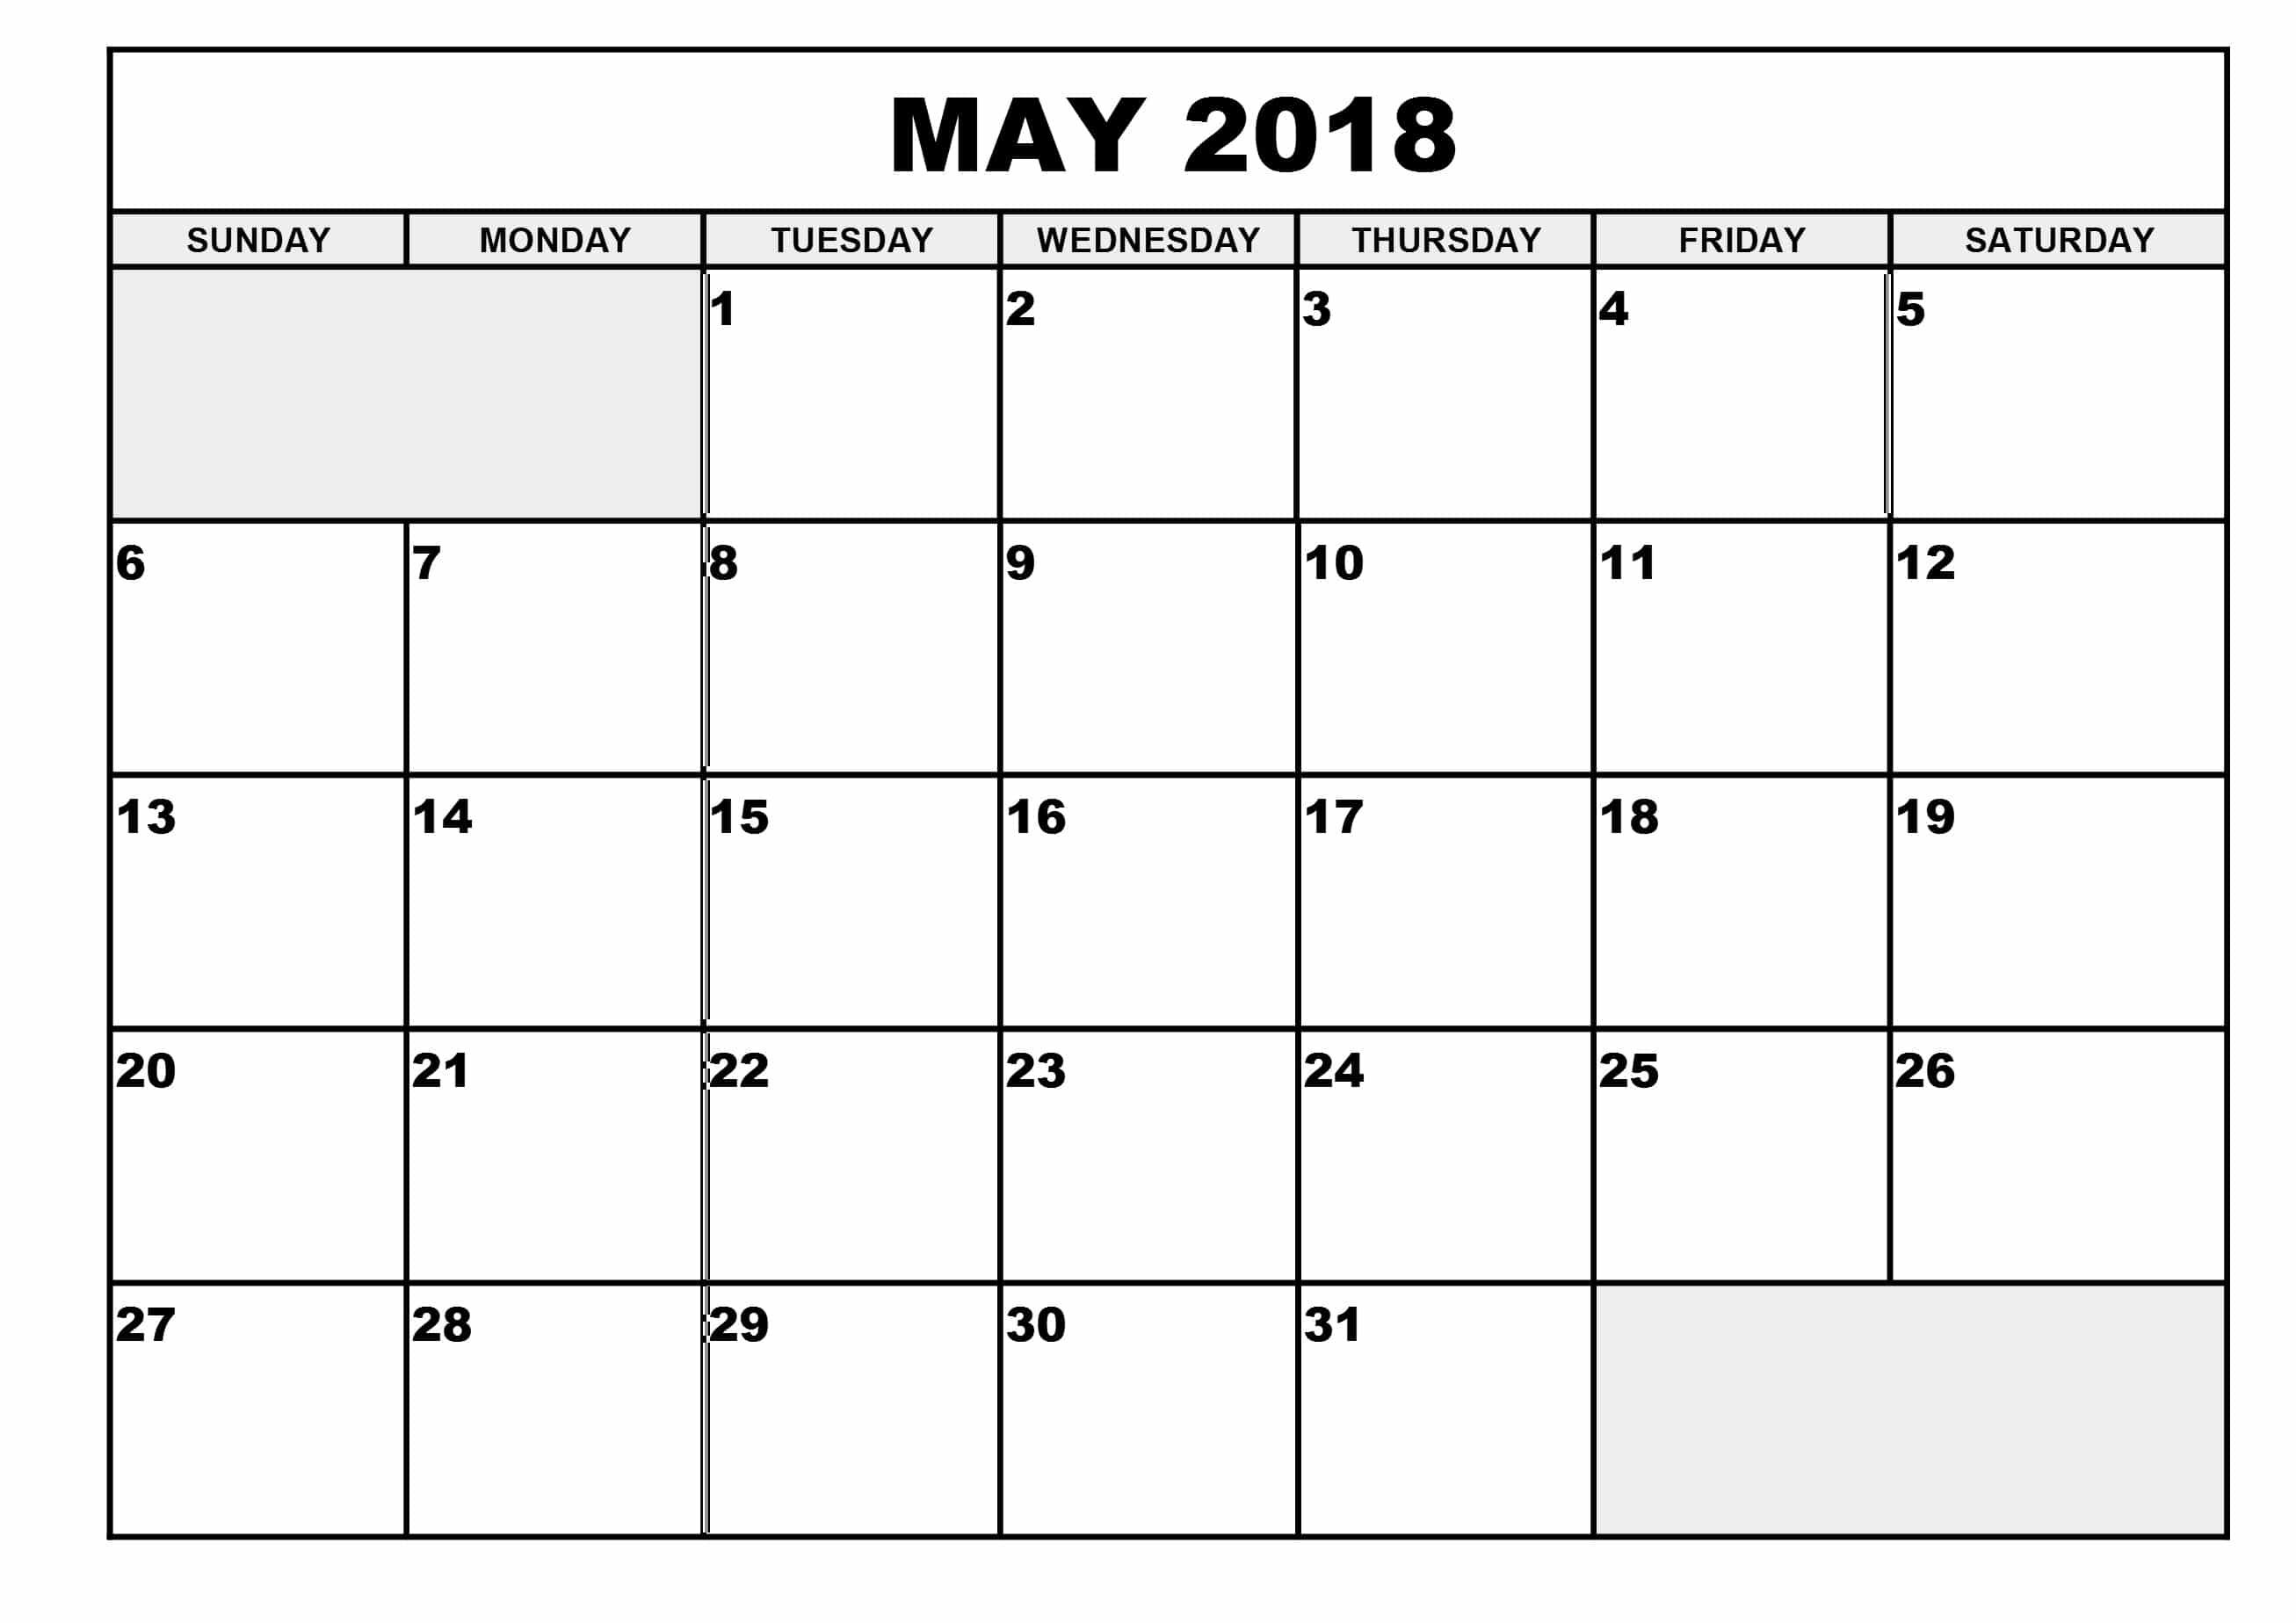 Blank May 2018 Calendar Weakly